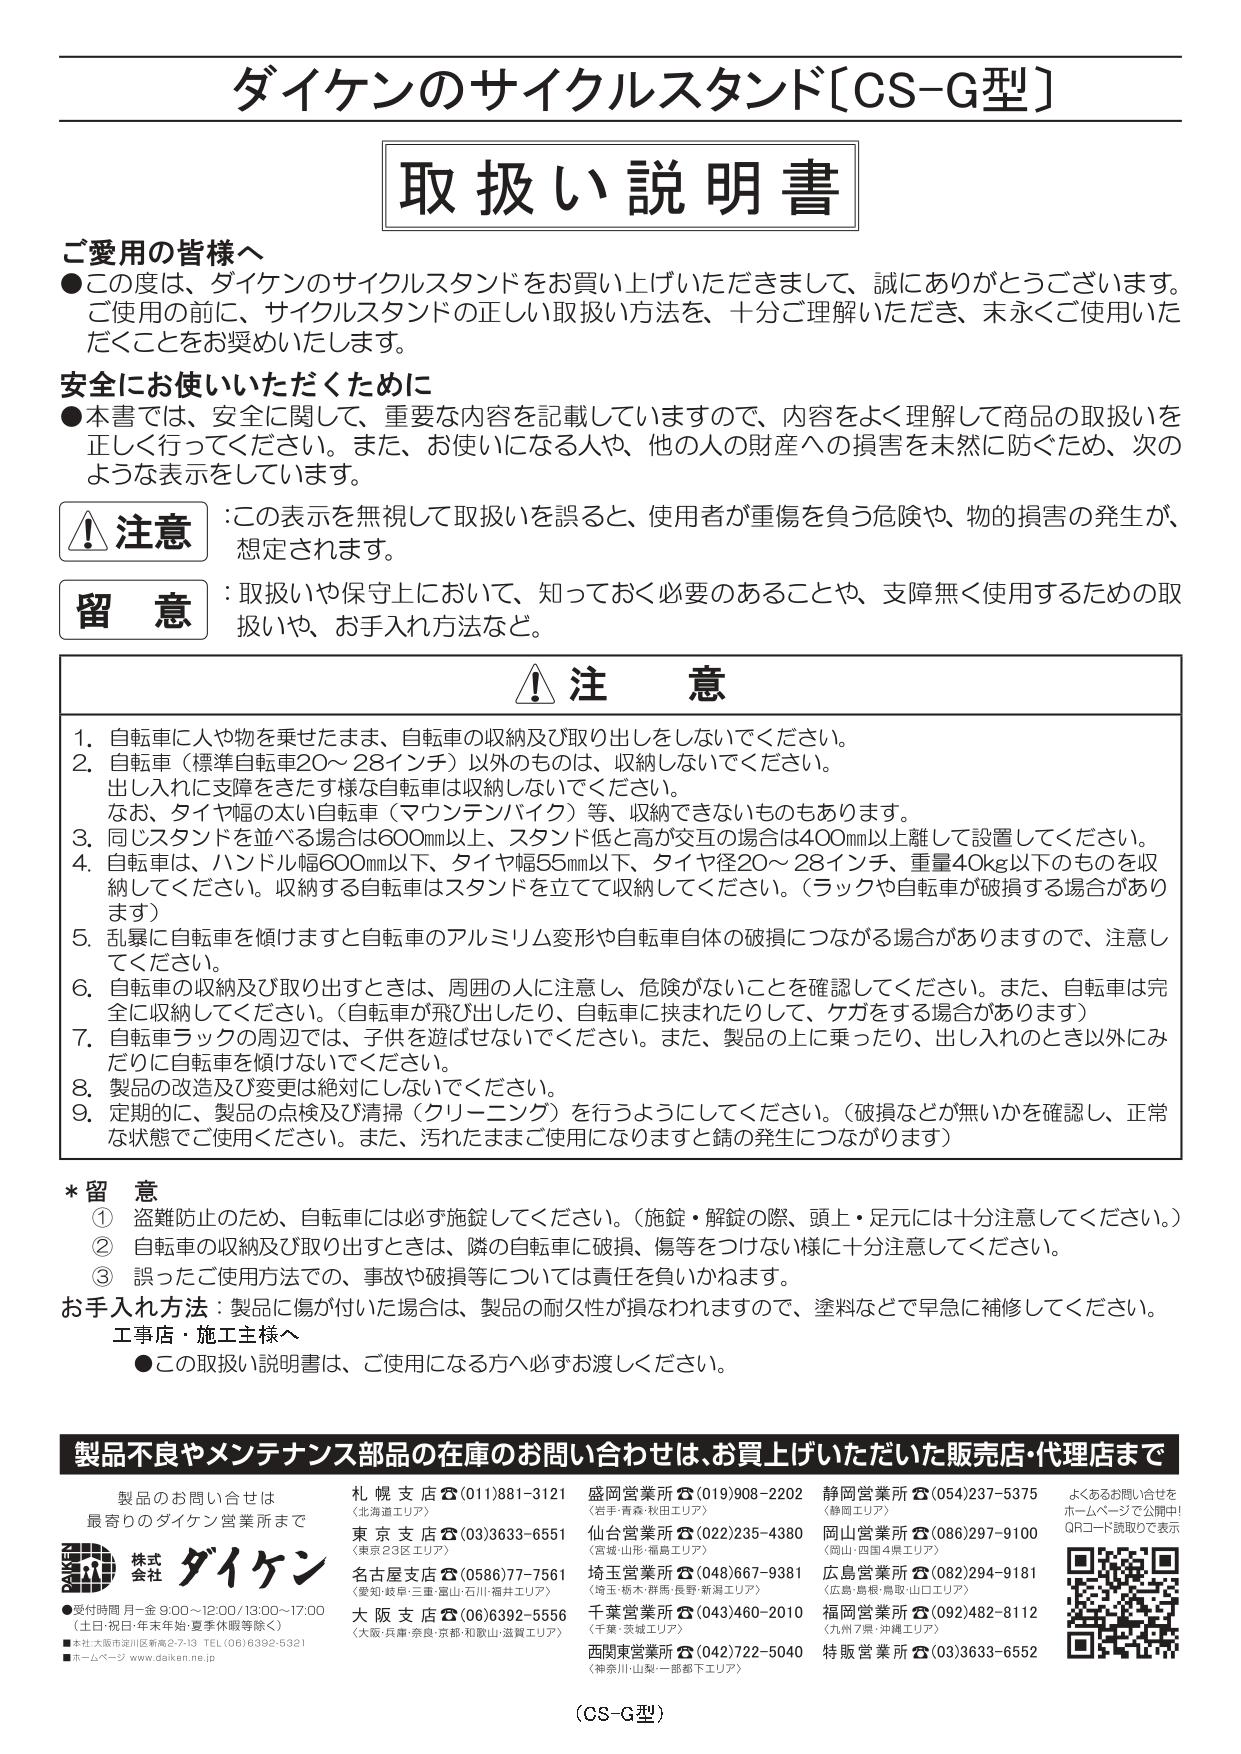 独立式スタンドCS-G 組み立て説明書_page-0002